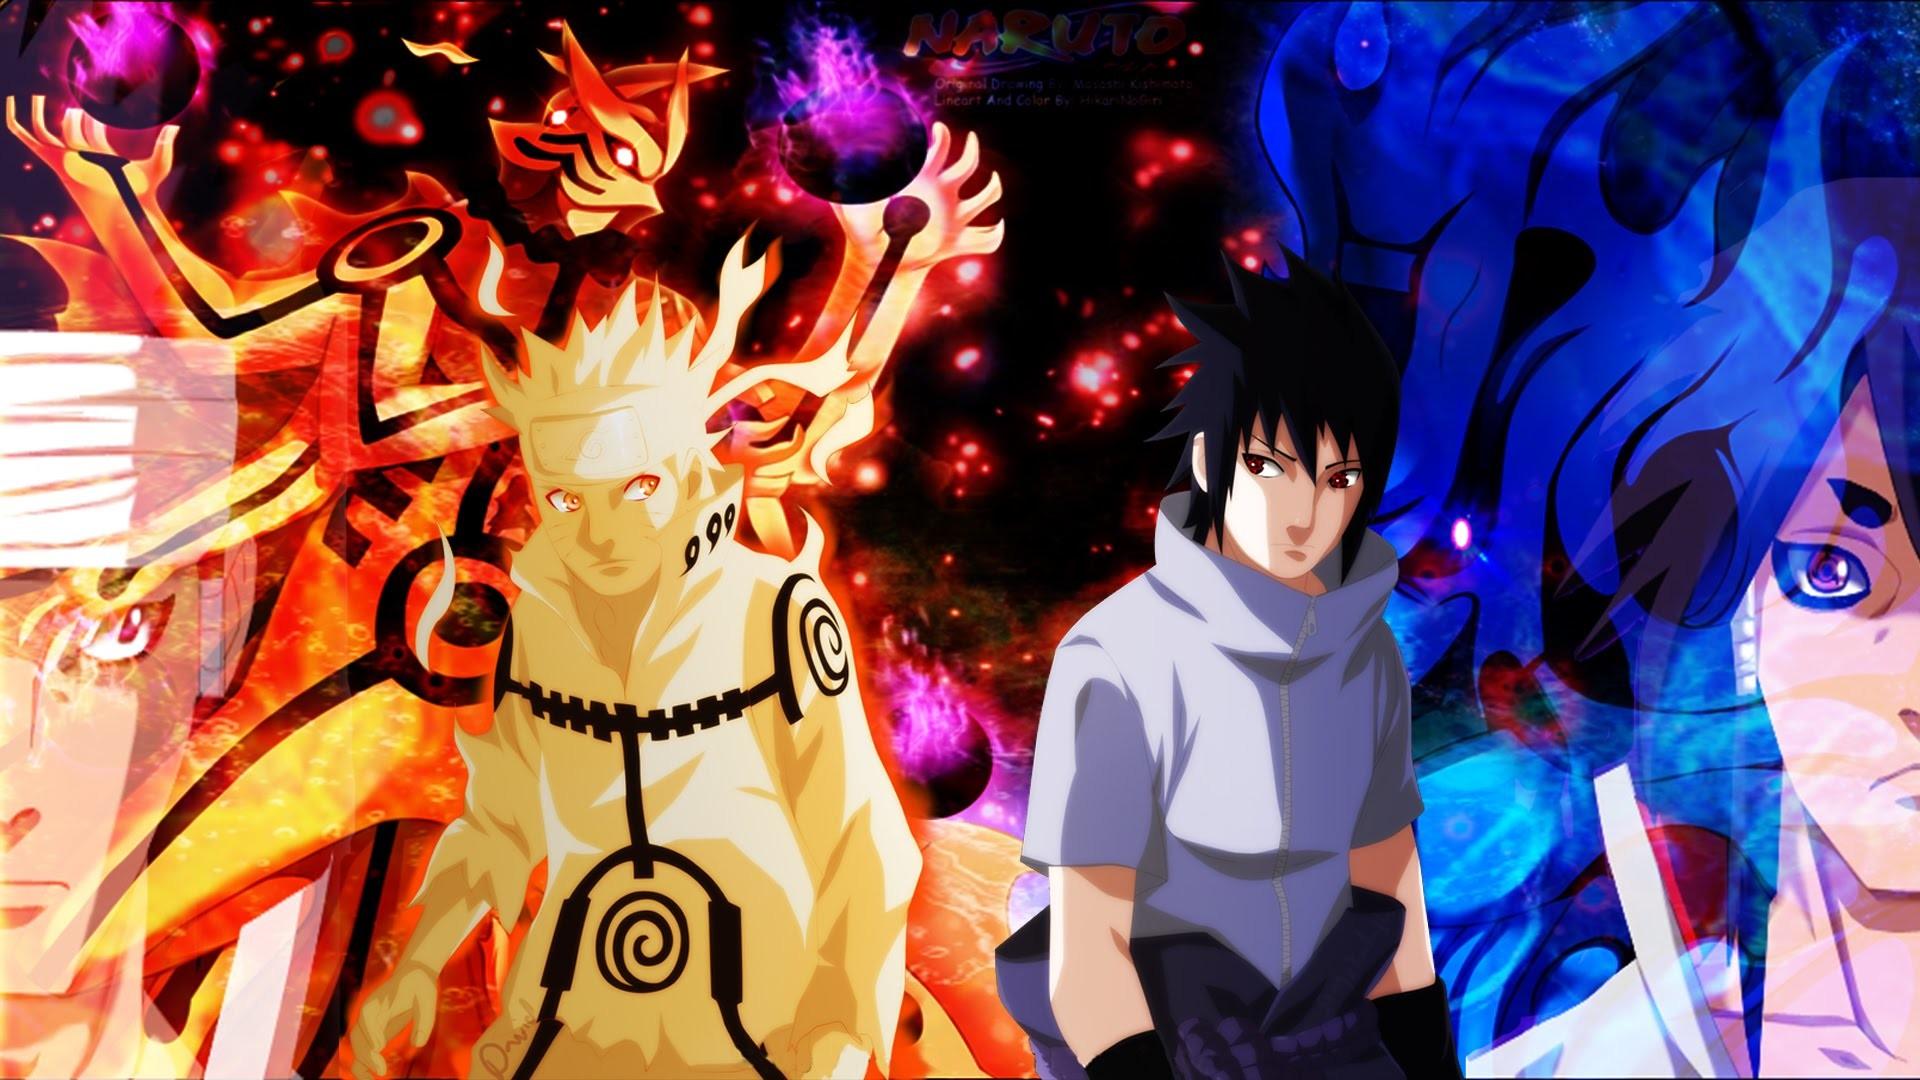 Naruto Vs Sasuke Wallpaper (57+ Images